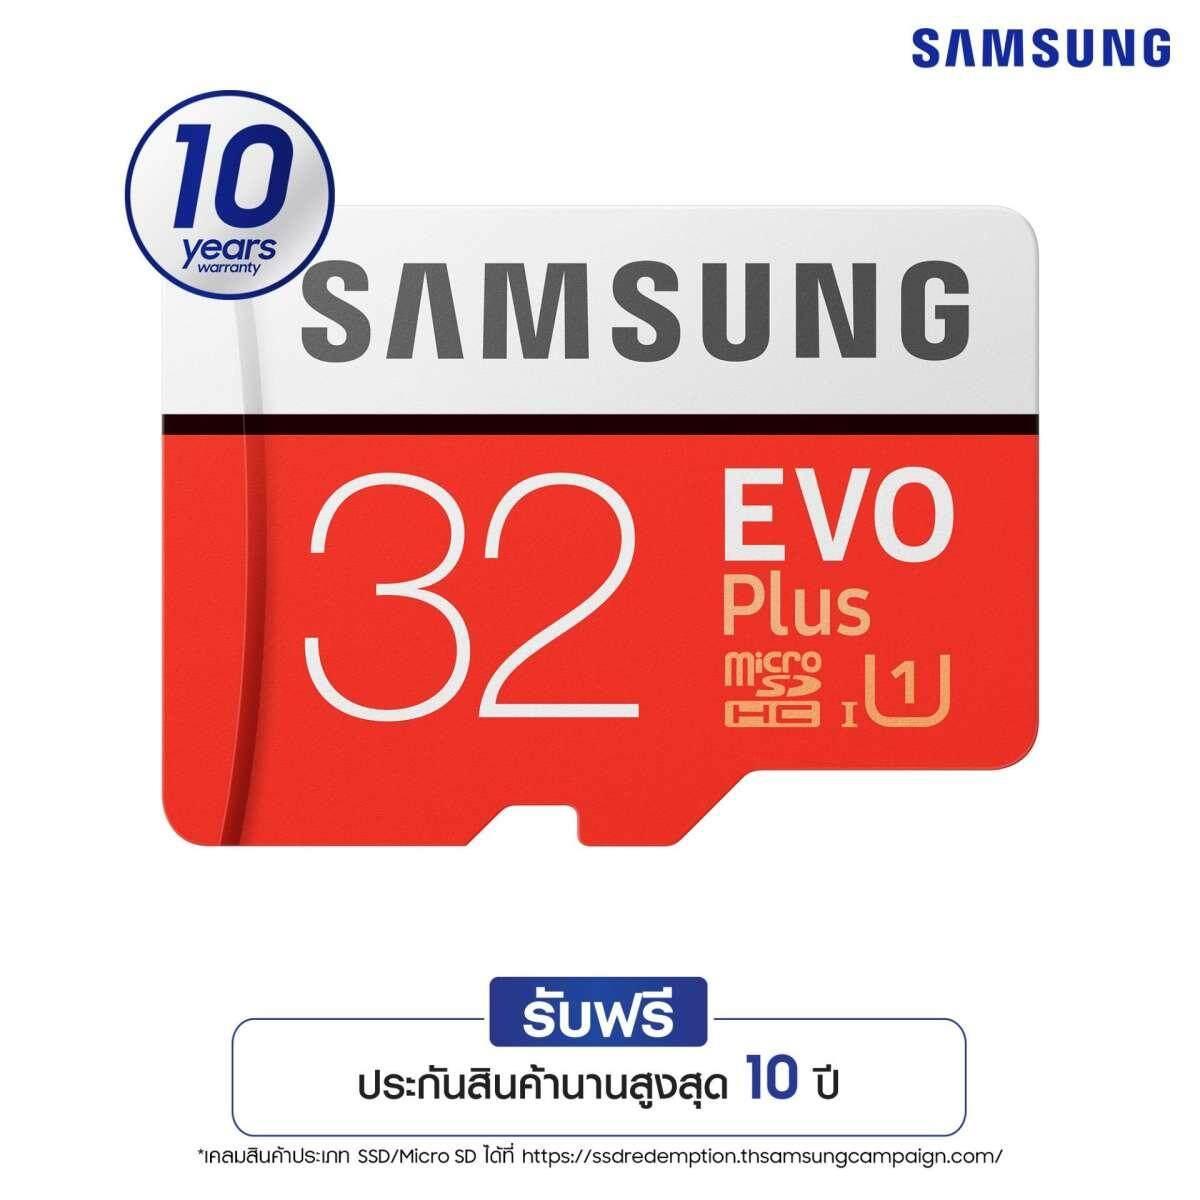 เก็บเงินปลายทางได้ SAMSUNG EVO 32GB MICRO SD CARD (รุ่นใหม่) พร้อมอแดปเตอร์ ไมโครเอสดีการ์ด  CLASS 10 รุ่นใหม่ รับประกัน10ปี จัดส่งKERRYทั่วประเทศ